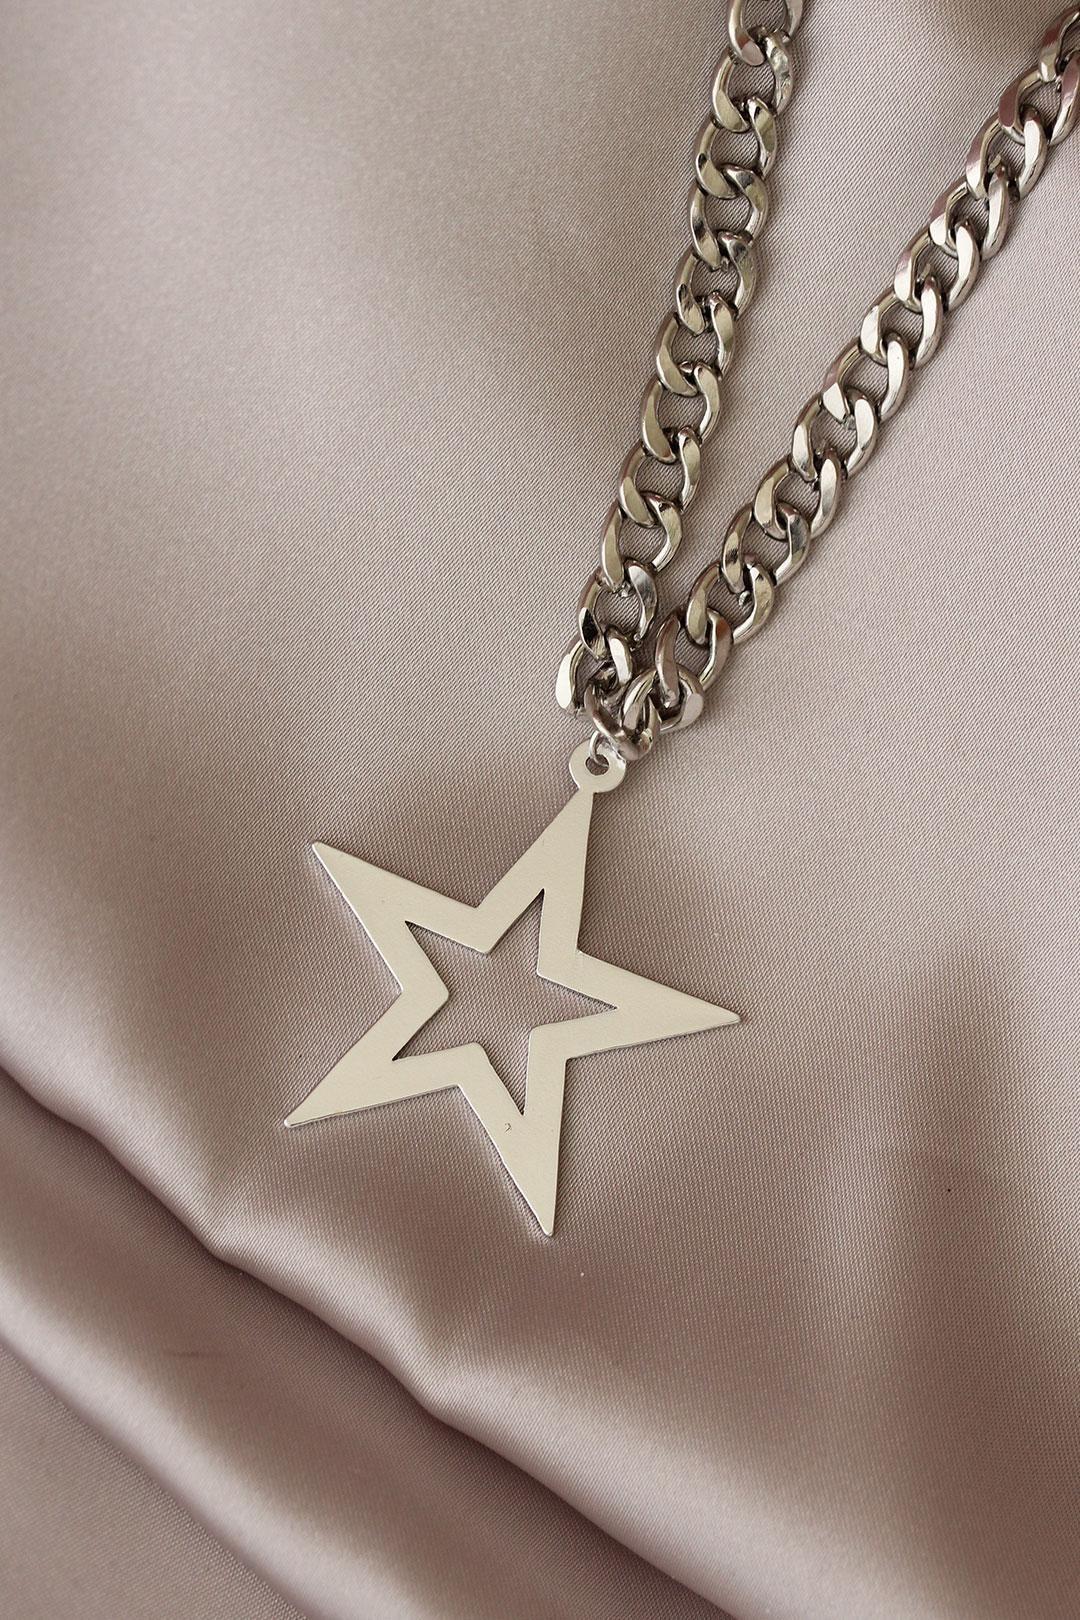 Gümüş Renk Yıldız Model Kalın Zincir Tasarımlı Kolye